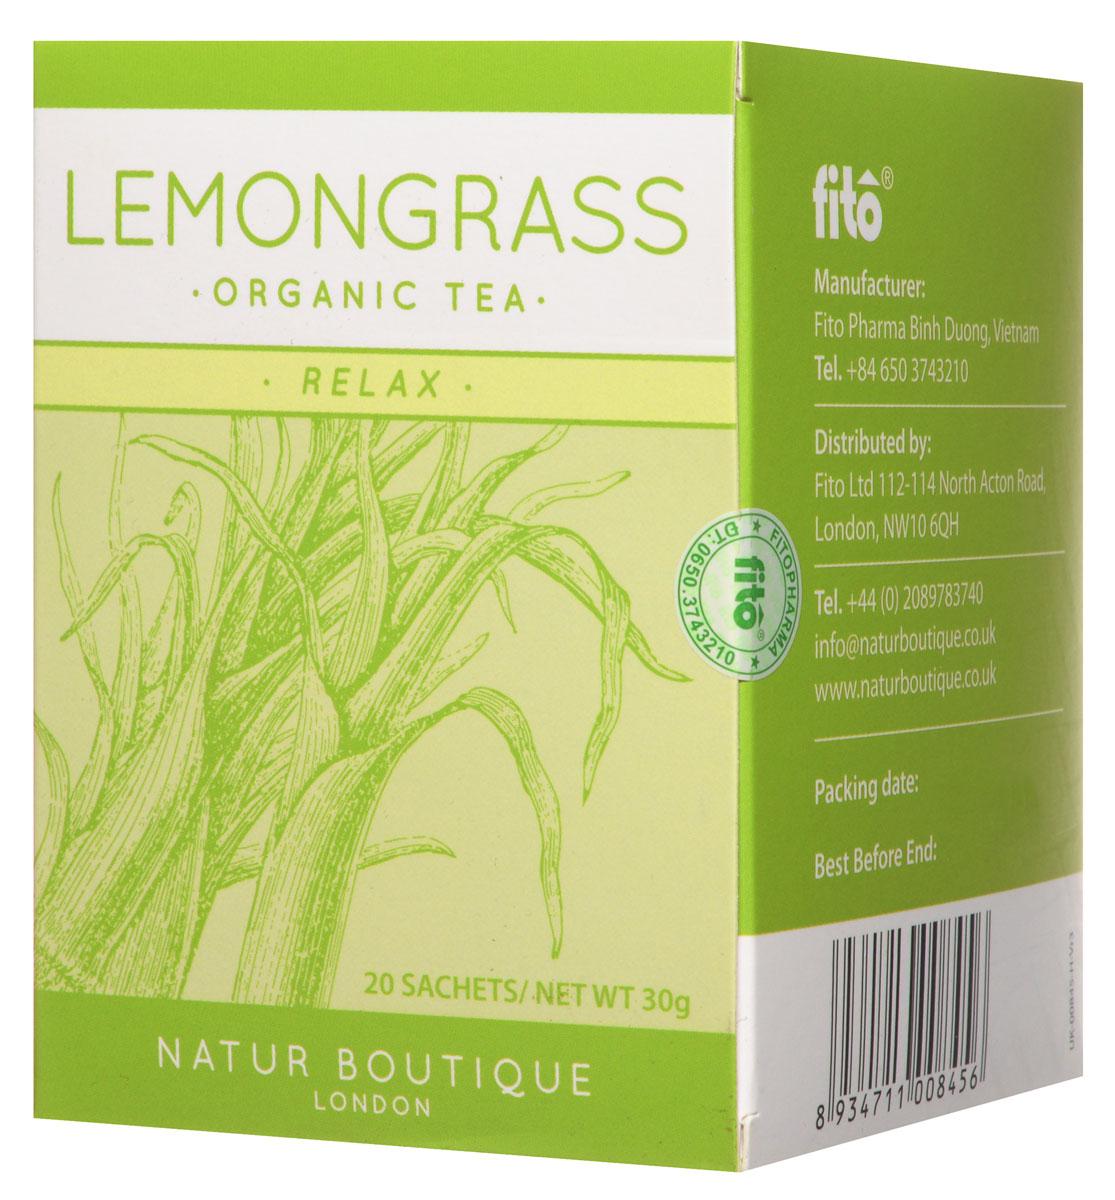 Natur Boutique Lemongrass Organic Tea органический чай лемонграсс, 20 пакетиков101246Оригинальный вкус органического чая Natur Boutique Lemongrass Organic Tea доставит удовольствие каждому ценителю экзотических чайных ароматов. А еще полезен для здоровья в куда большей степени, нежели обыкновенный, даже самый дорогой элитный чай, поскольку выращен и собран без применения химических удобрений и промышленных технологий. Соответственно, на его листьях не оседают вредные примеси.Чай Natur Boutique Lemongrass, выращен на плантациях Южного Вьетнама. При выращивании лимонной травы (а именно так переводится lemongrass), а также бананов, папайи, куркумы на этих землях полностью исключено использование пестицидов, в качестве естественного удобрения выступает речной ил, помет птиц и летучих мышей.Чай Natur Boutique Lemongrass Organic Tea - тонизирующий, расслабляющий и просто вкусный. Он имеет легкий пряно-цитрусовый аромат. Его можно заваривать как самостоятельный напиток или добавлять в любой другой чай, черный или зеленый. В готовый чай можно добавлять мёд или сахар по вкусу, мяту, имбирь. Важно: как и зеленый чай, лемонграсс заваривается кипяченой водой температурой не выше 80°С.Этот вкусный ароматный чай чрезвычайно полезен для здоровья. Во-первых, его регулярное употребление – отличная профилактика простудных заболеваний, ларингитов, синуситов. Во - вторых, лемонграсс благотворно влияет на обмен веществ, улучшает пищеварение. Он не содержит кофеина, оказывает тонизирующее воздействие, укрепляет сосуды и способствует разжижению крови.Купить чай Natur Boutique Lemongrass – значит, приобрести природный антидепрессант, не содержащий кофеина и при этом эффективно помогающий взбодриться с утра на весь день. Особенно интерес лемонграсс представляет для кормящих матерей – как продукт, способствующий улучшению лактации.